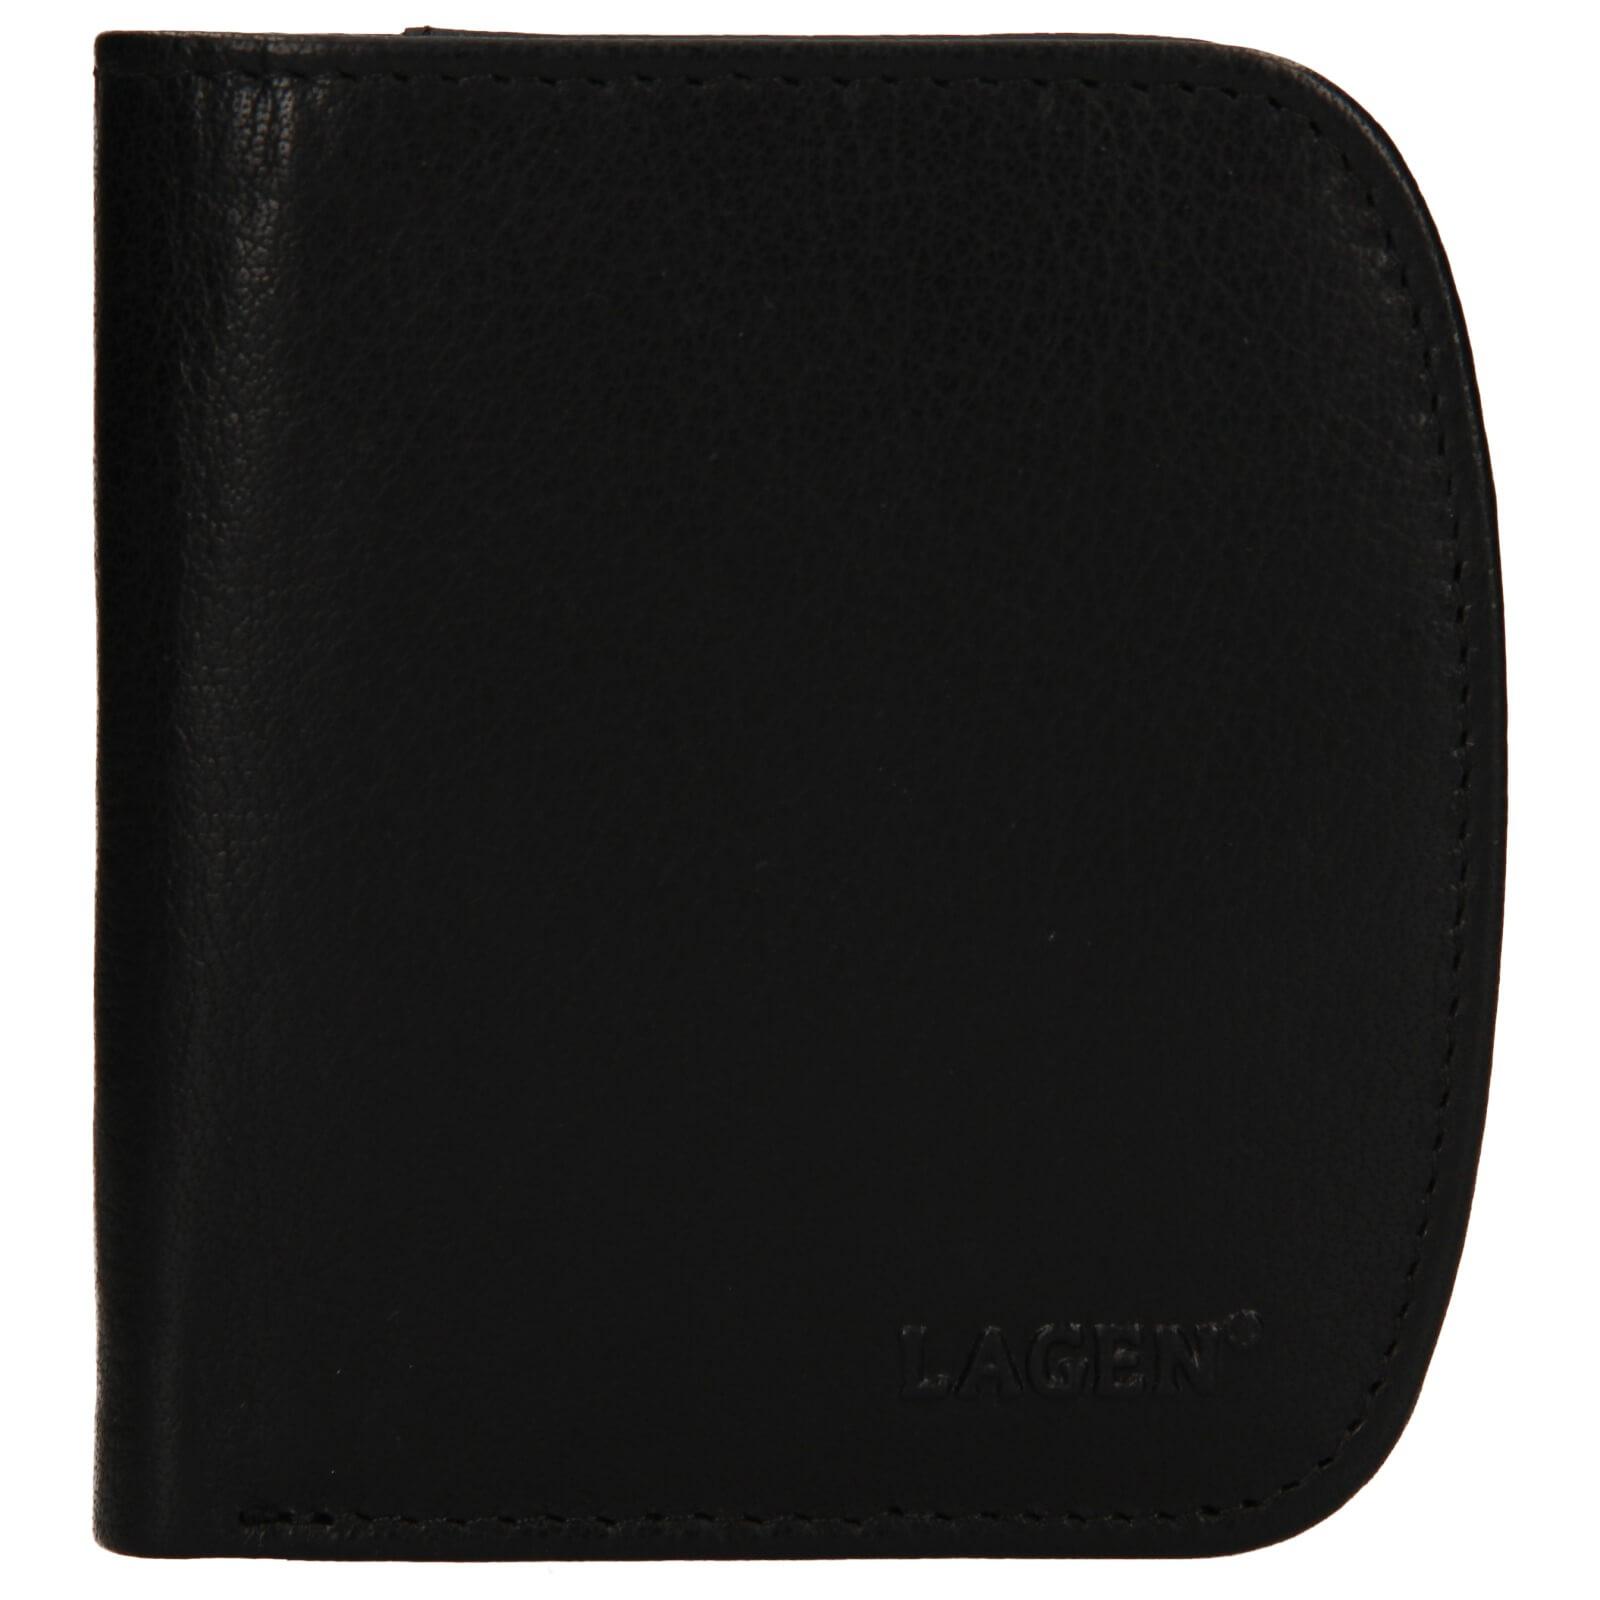 Pánska kožená peňaženka Lagen Denis - čierna